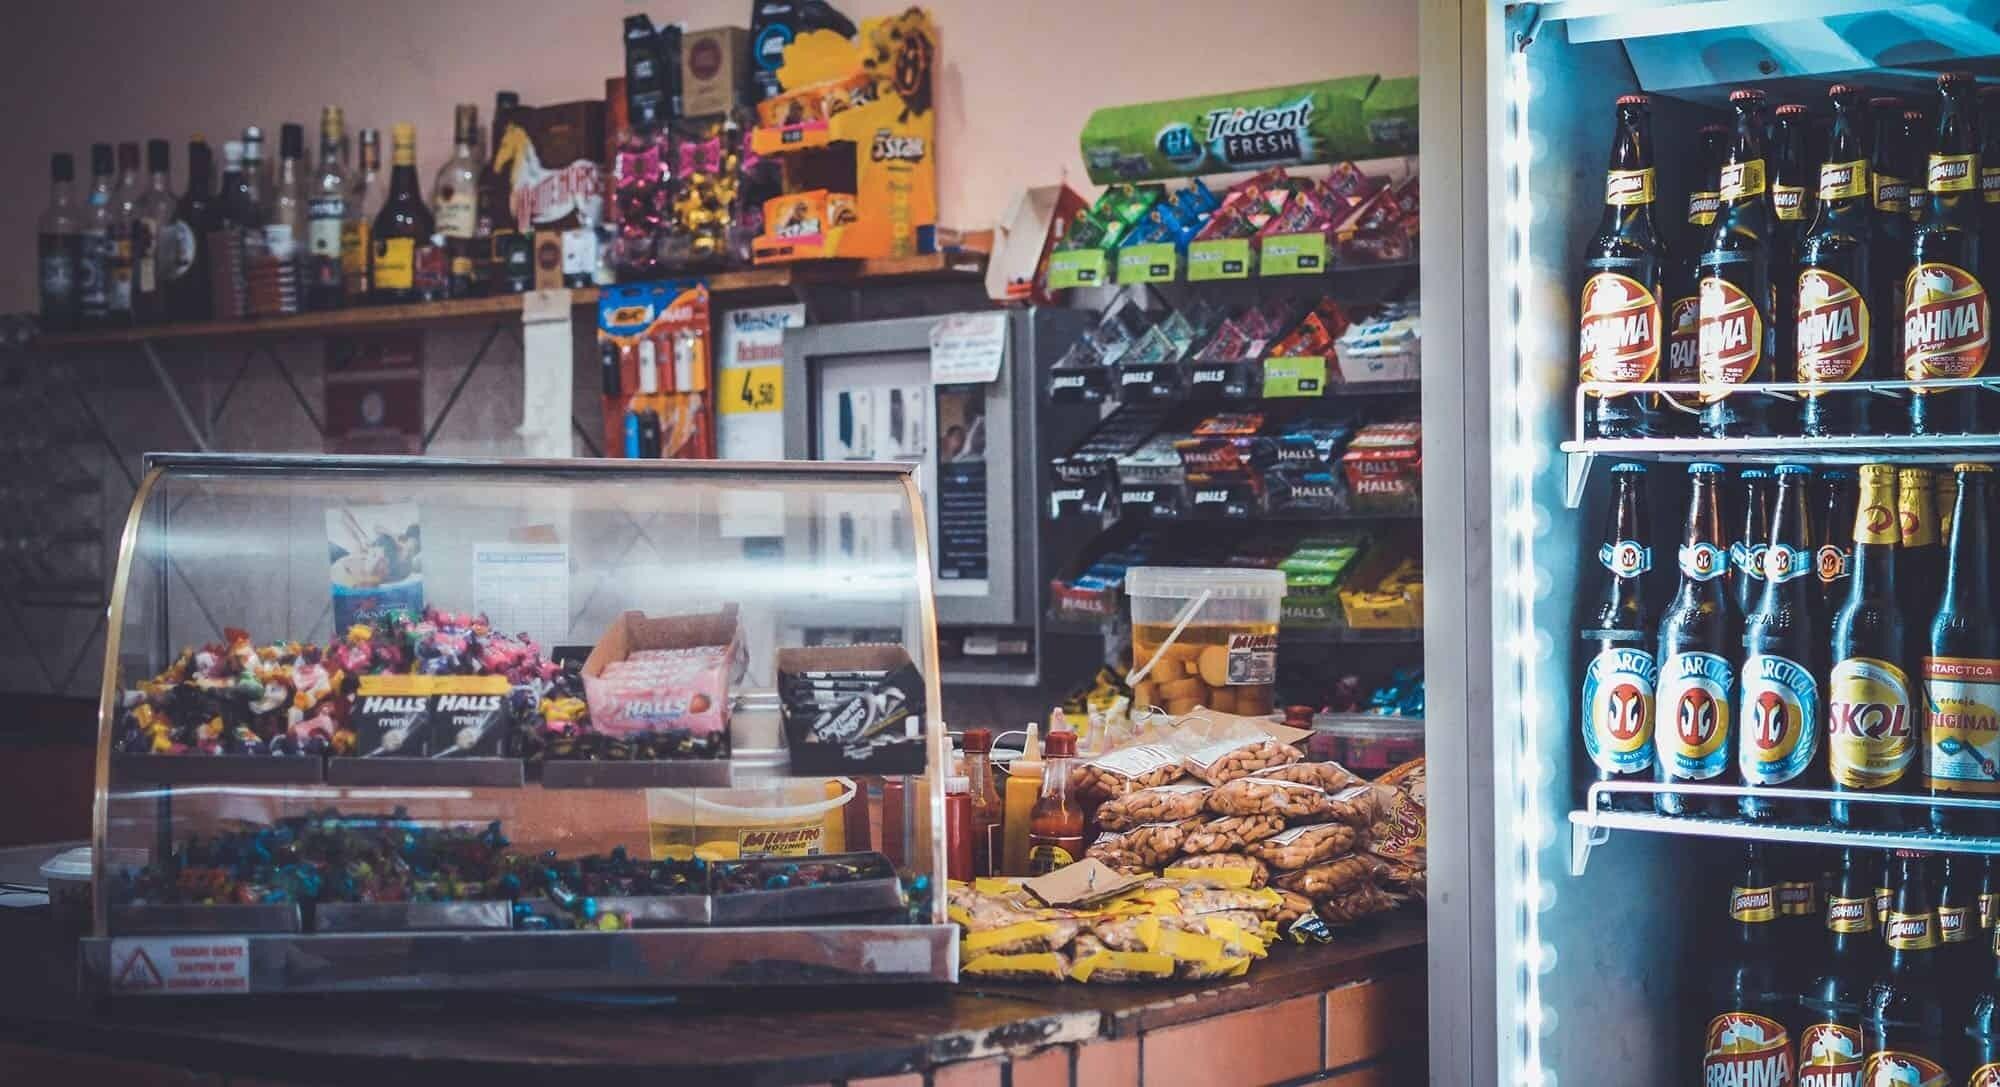 Инвестаналитик и бывший сотрудник Google создали сервис для расчёта инфляции по фото товаров с ценниками